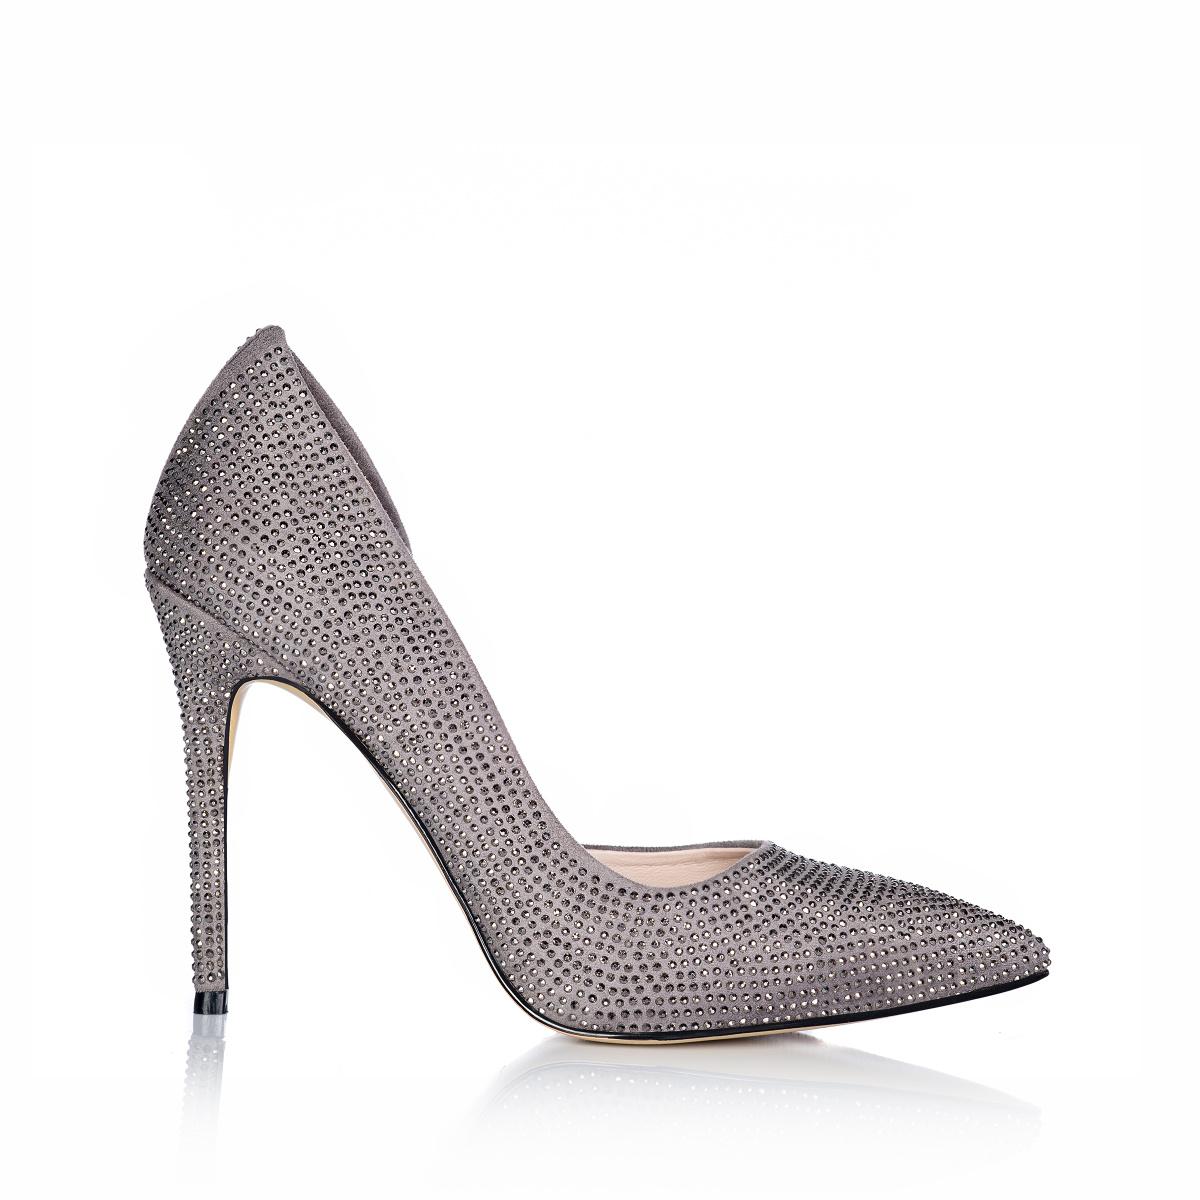 Pantofi stiletto cu aplicatii stralucitoare Gri